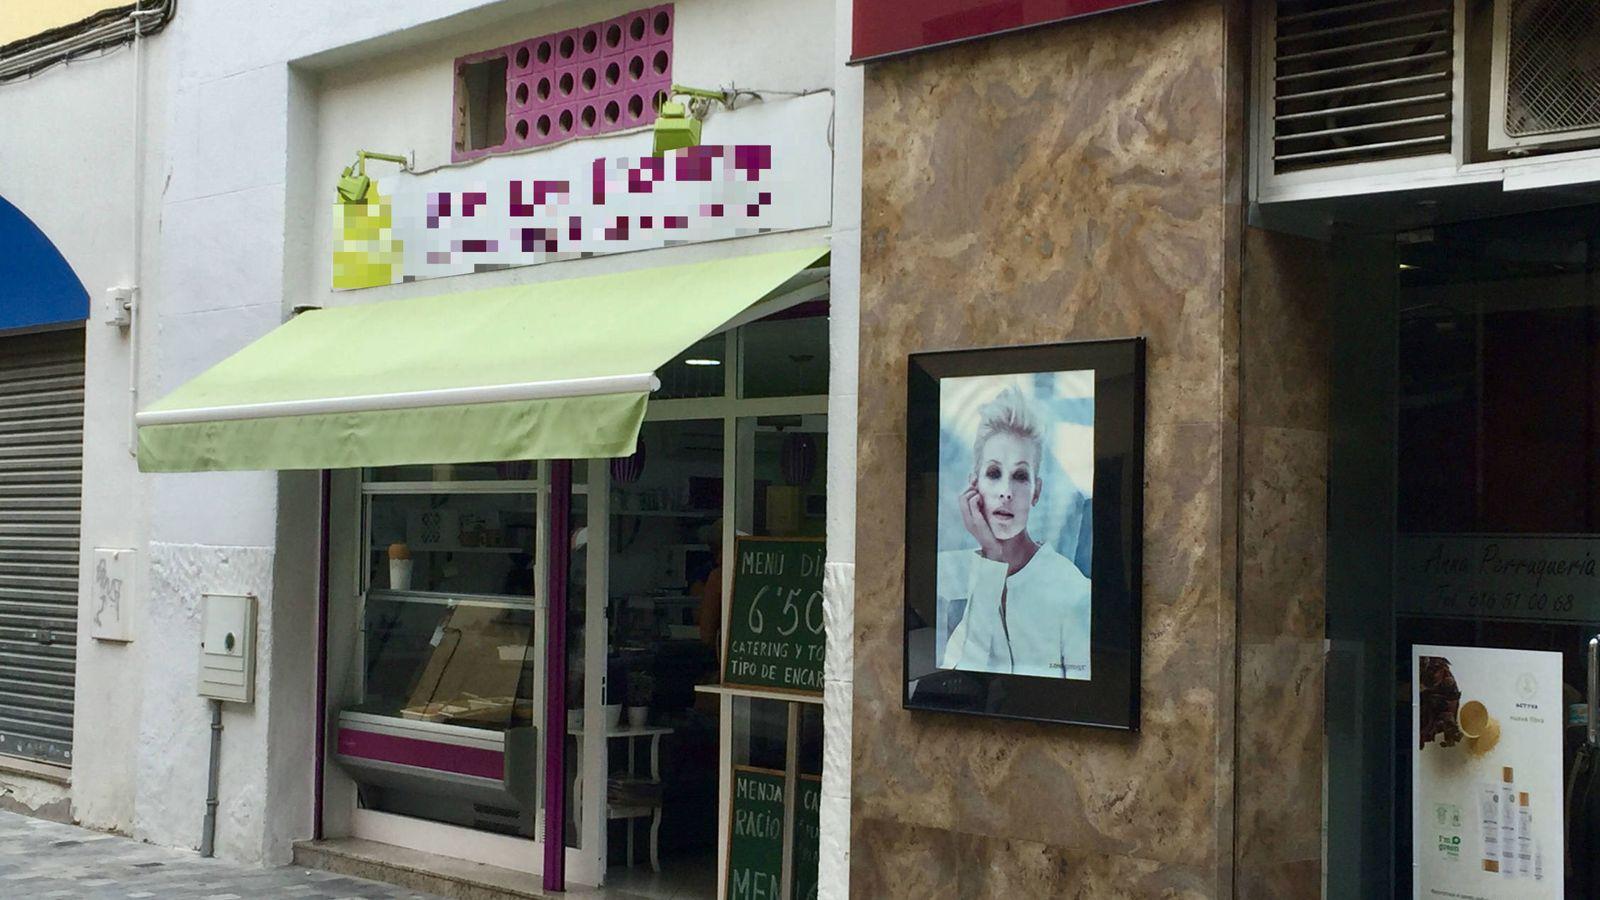 Foto: El comercio de comida precocinada de los padres de Albert Rivera, en Granollers (Barcelona), este 30 de septiembre. (J. R.)